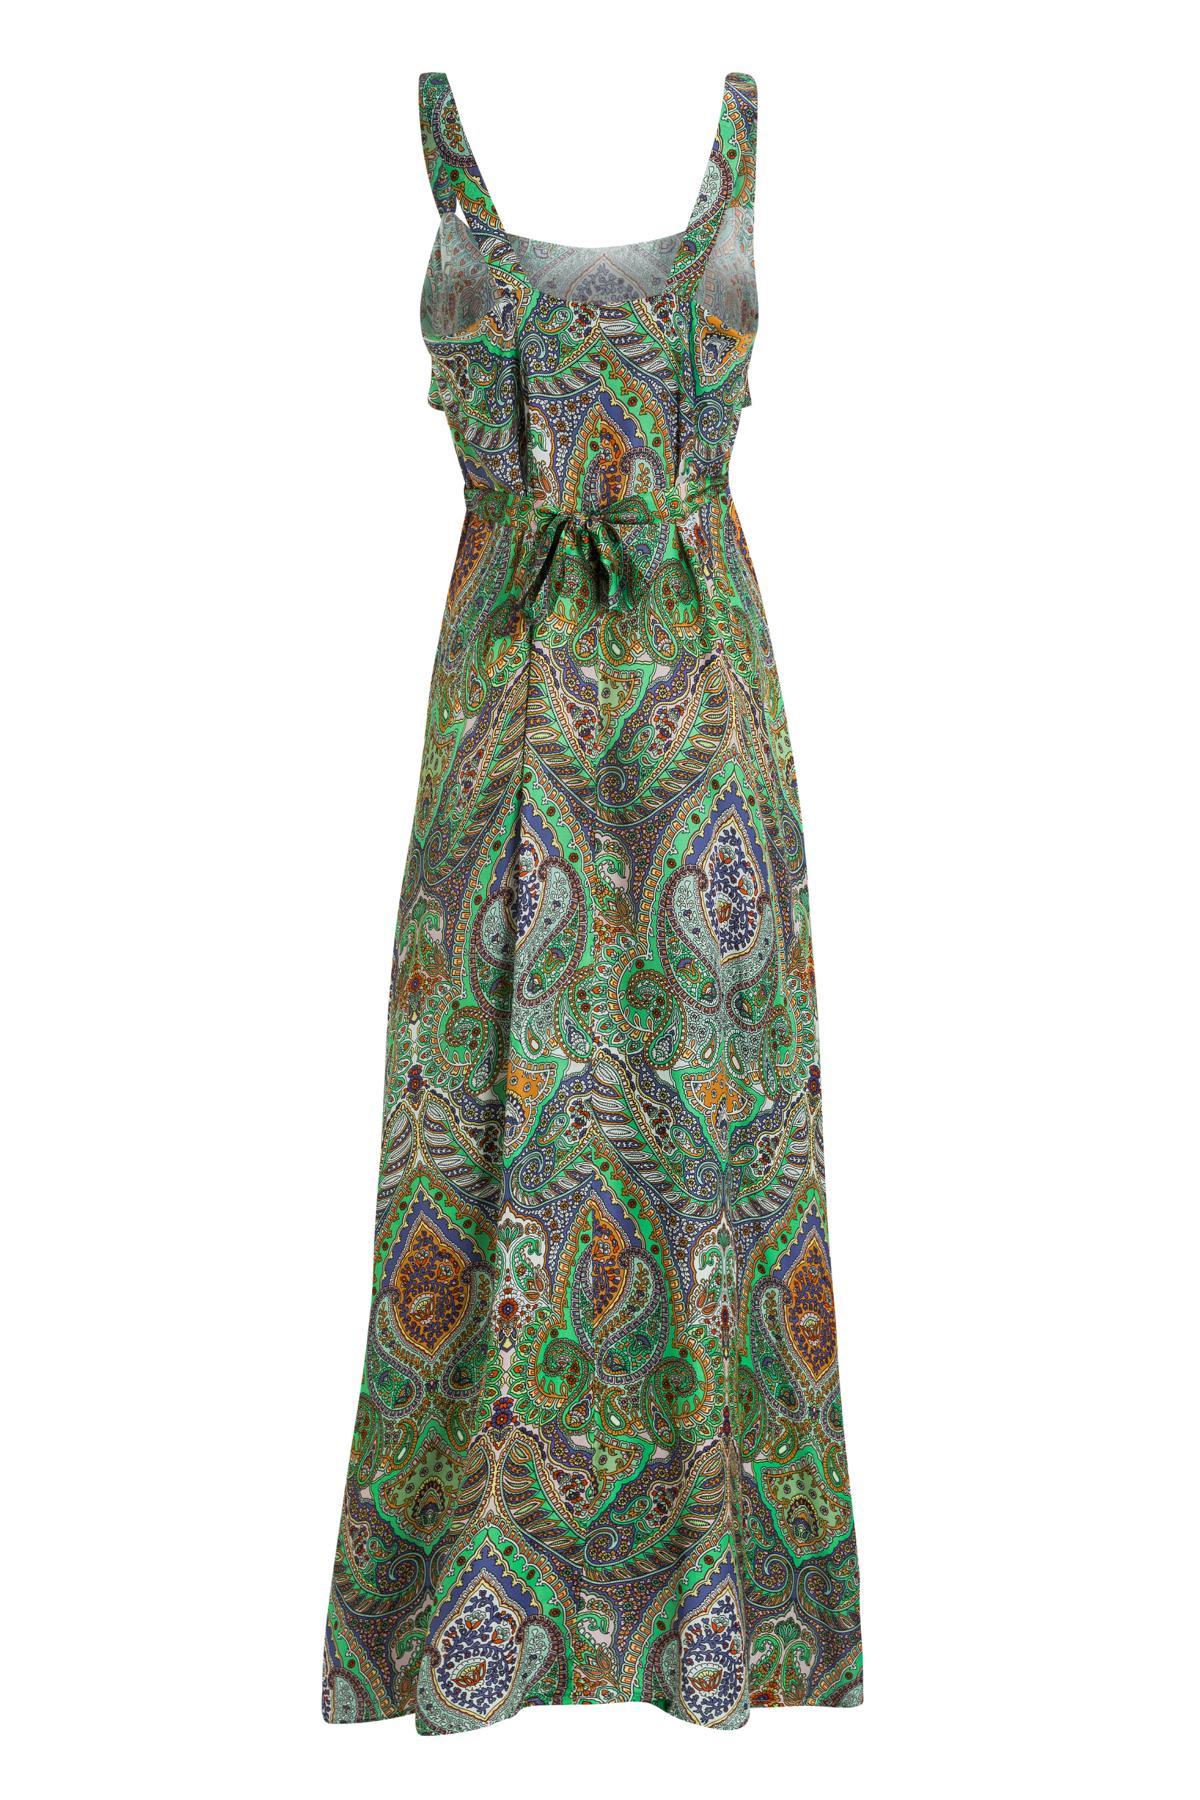 Rückansicht von Ana Alcazar Maxi Kleid Moanita